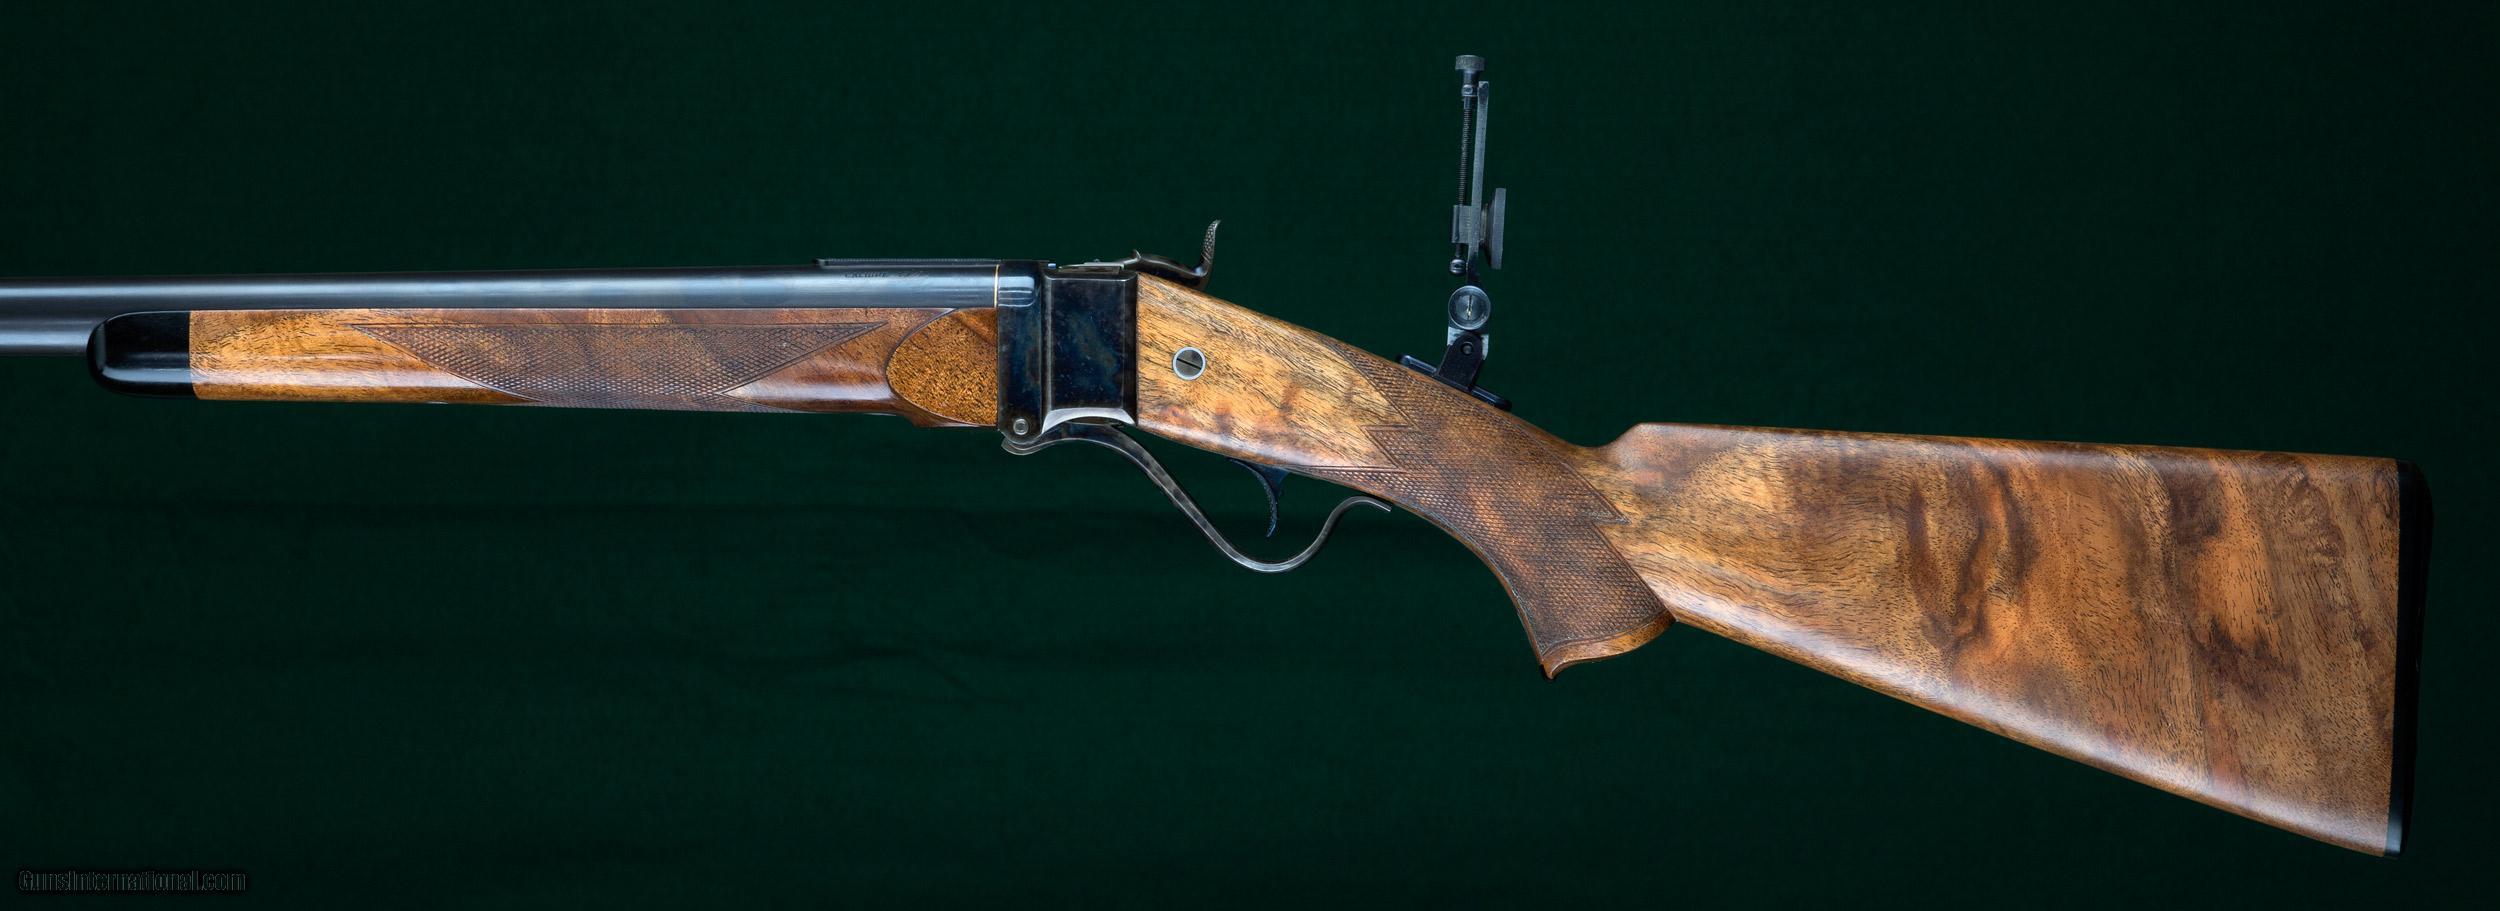 Singles in rifle colorado